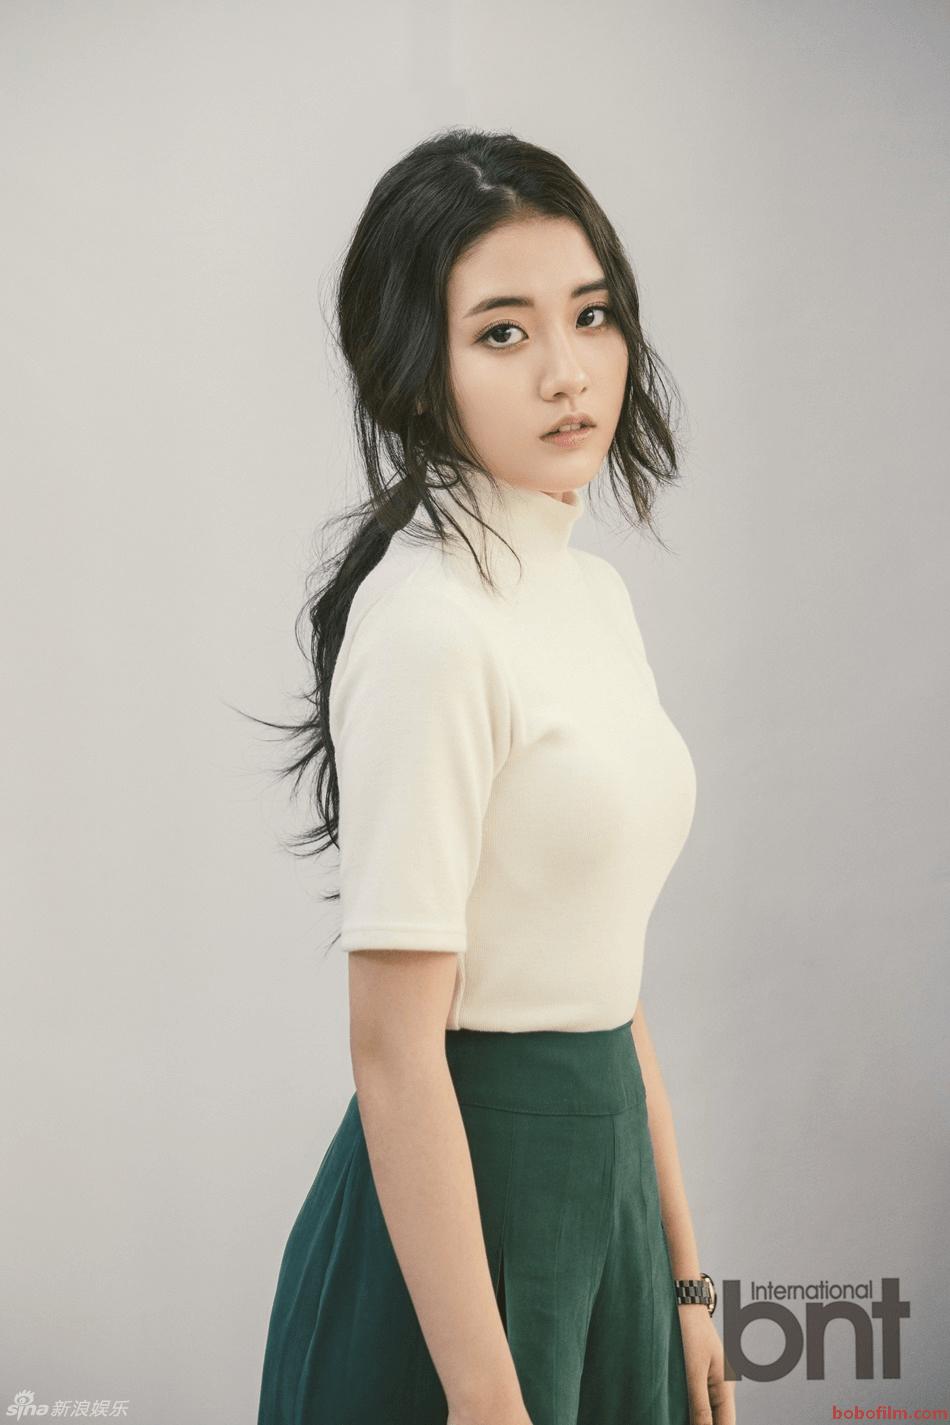 jeong-da-bin